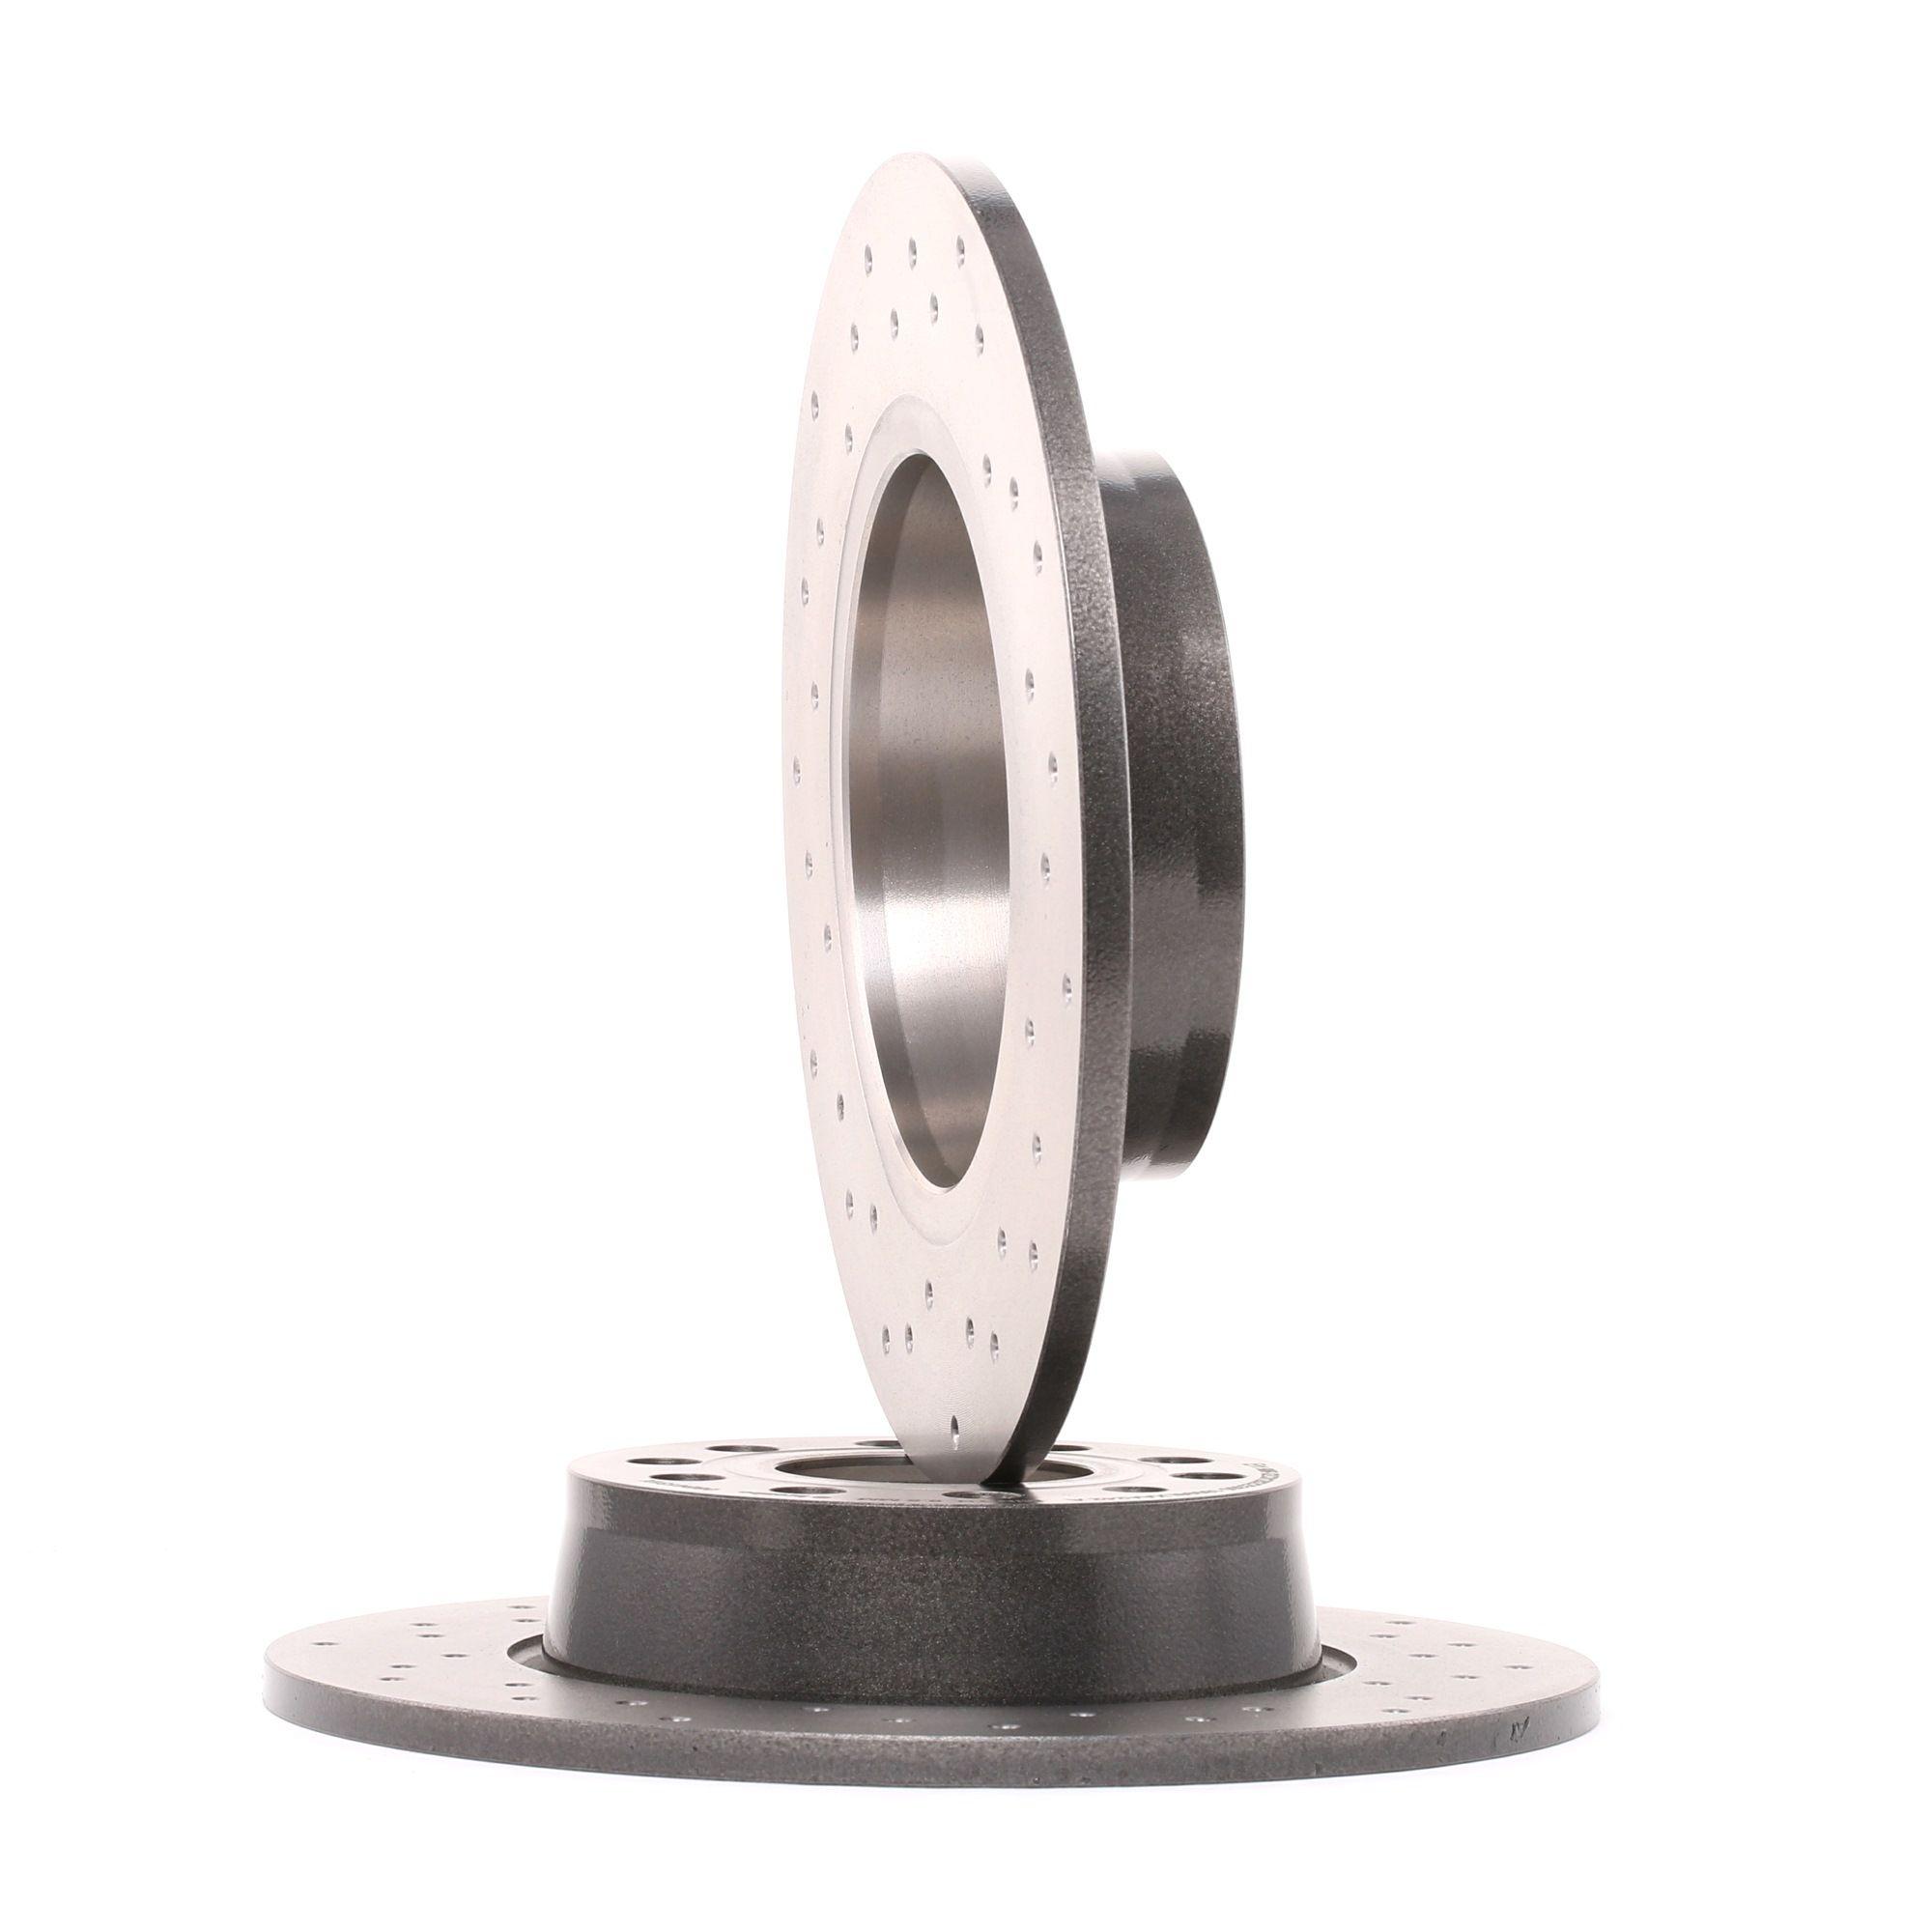 Achetez Disque de frein BREMBO 08.B413.1X (Ø: 272mm, Nbre de trous: 5, Épaisseur du disque de frein: 10mm) à un rapport qualité-prix exceptionnel